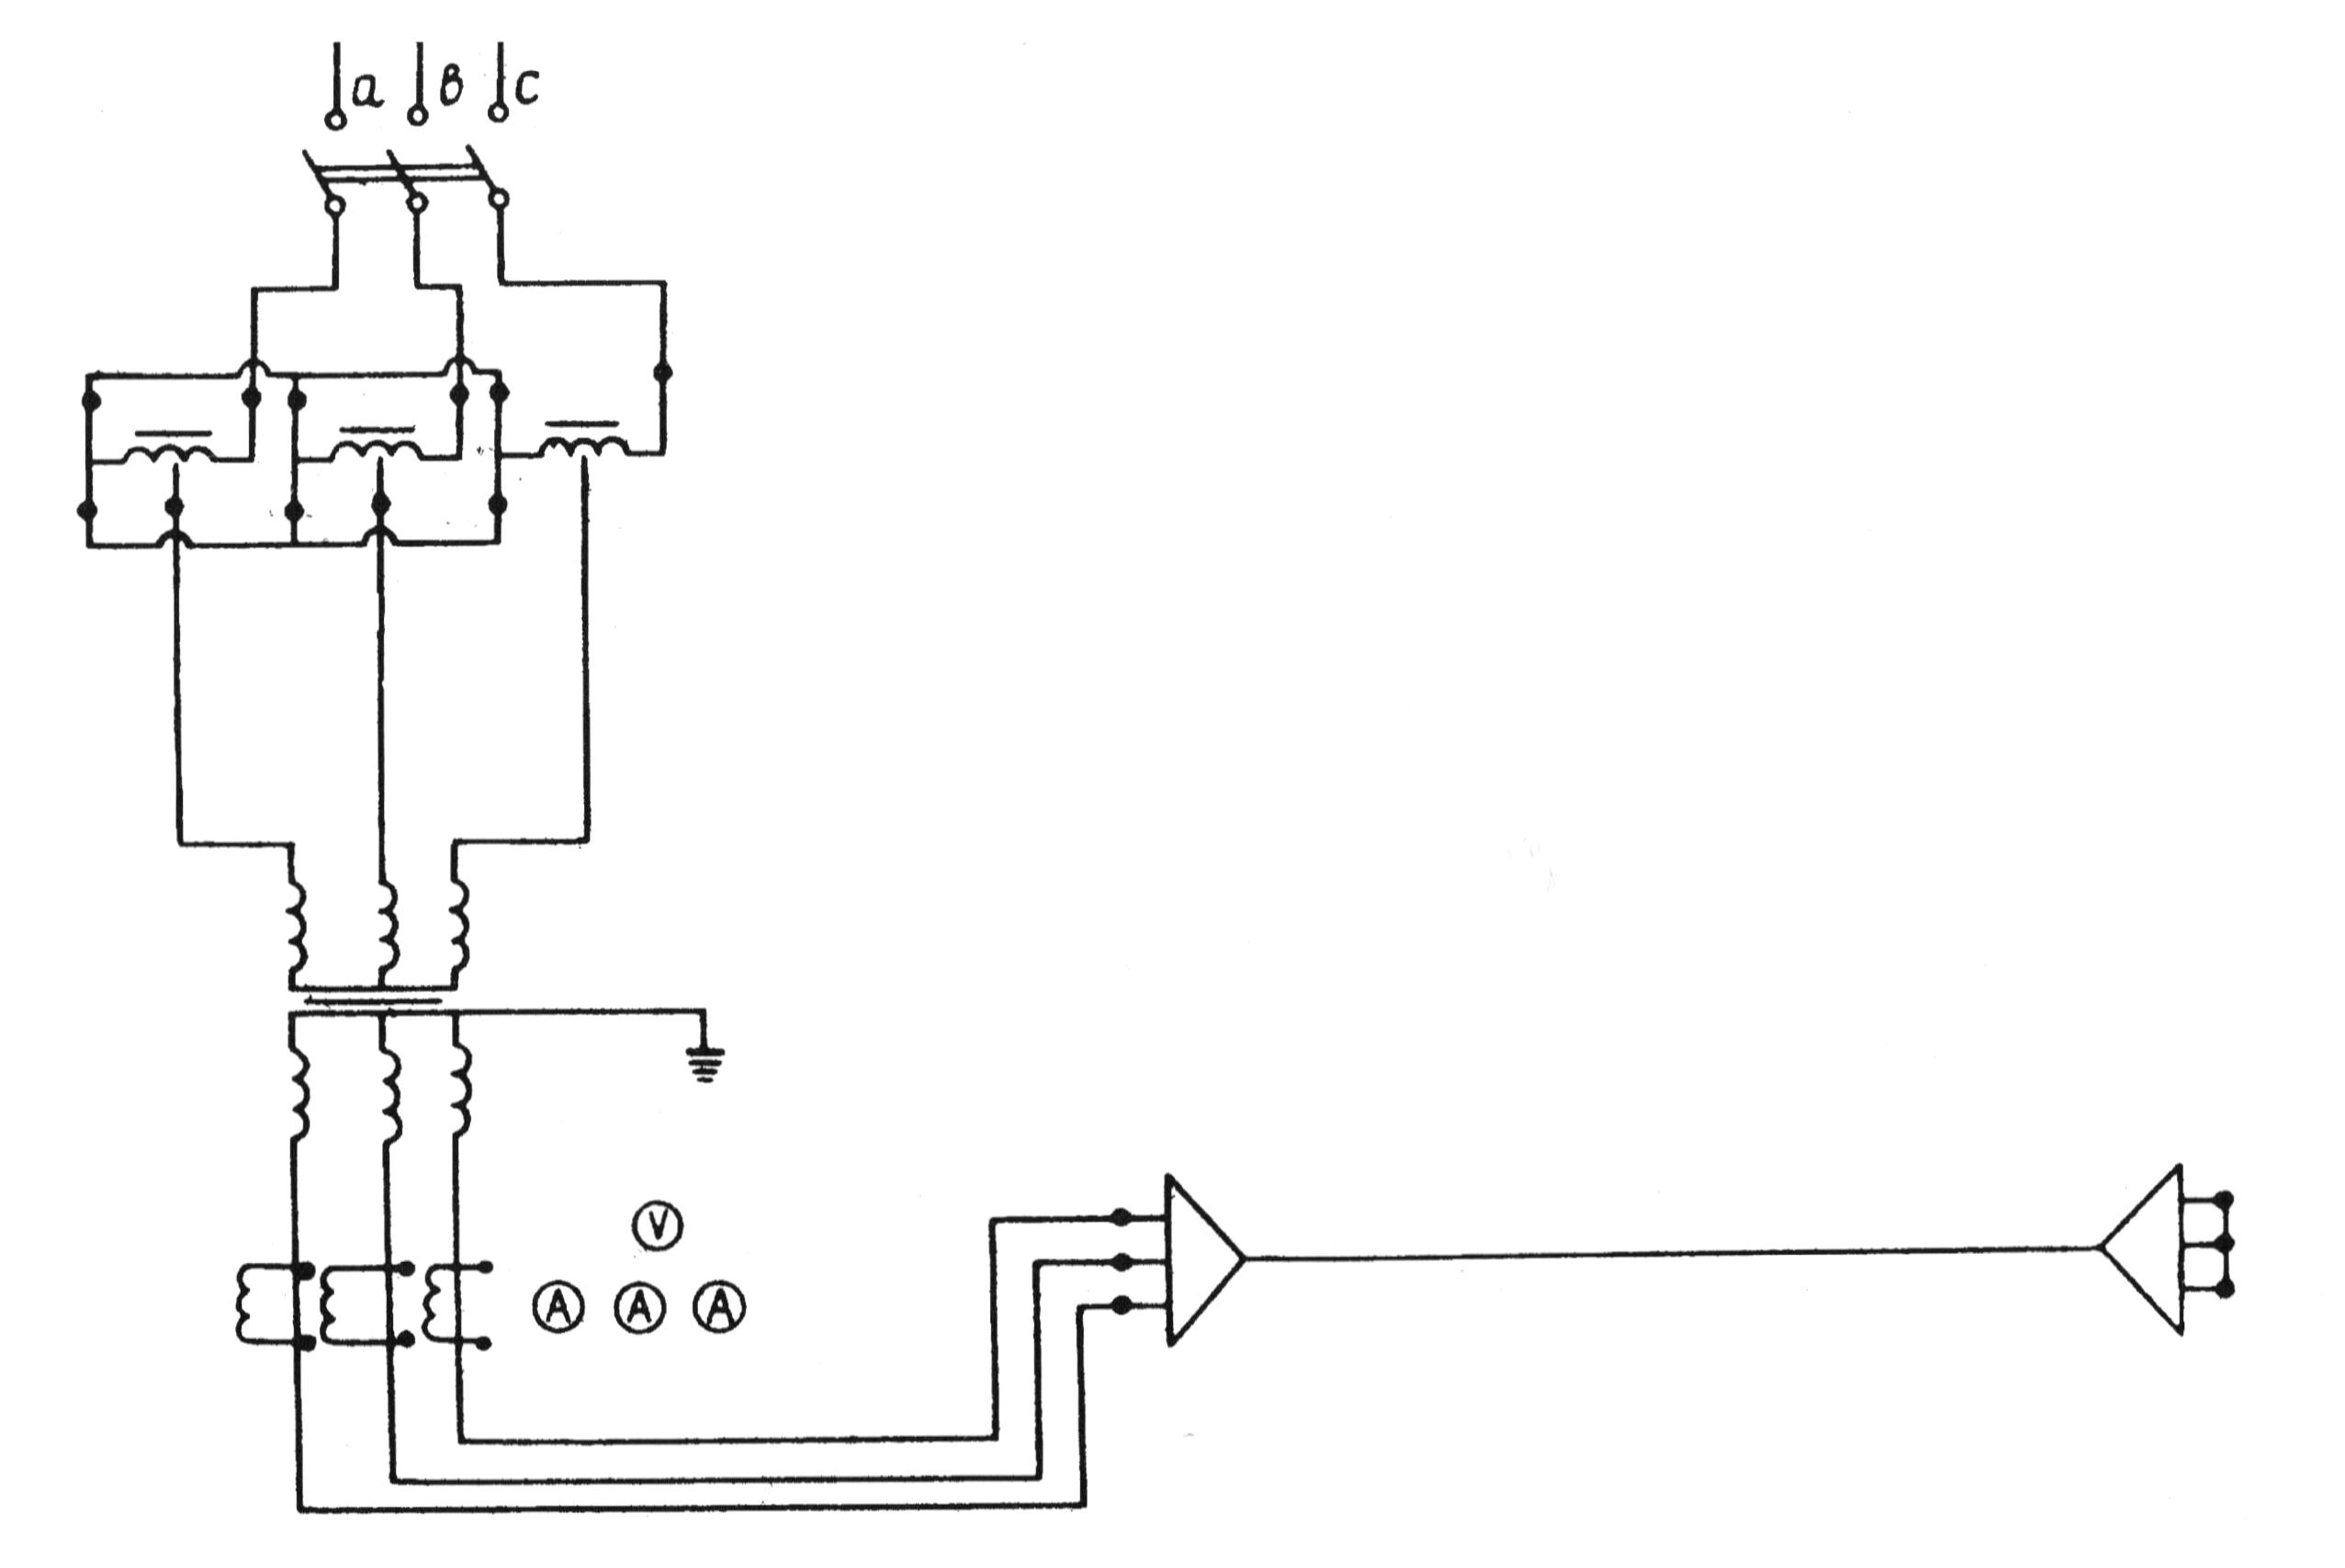 Схема прогрева кабелей трехфазным током